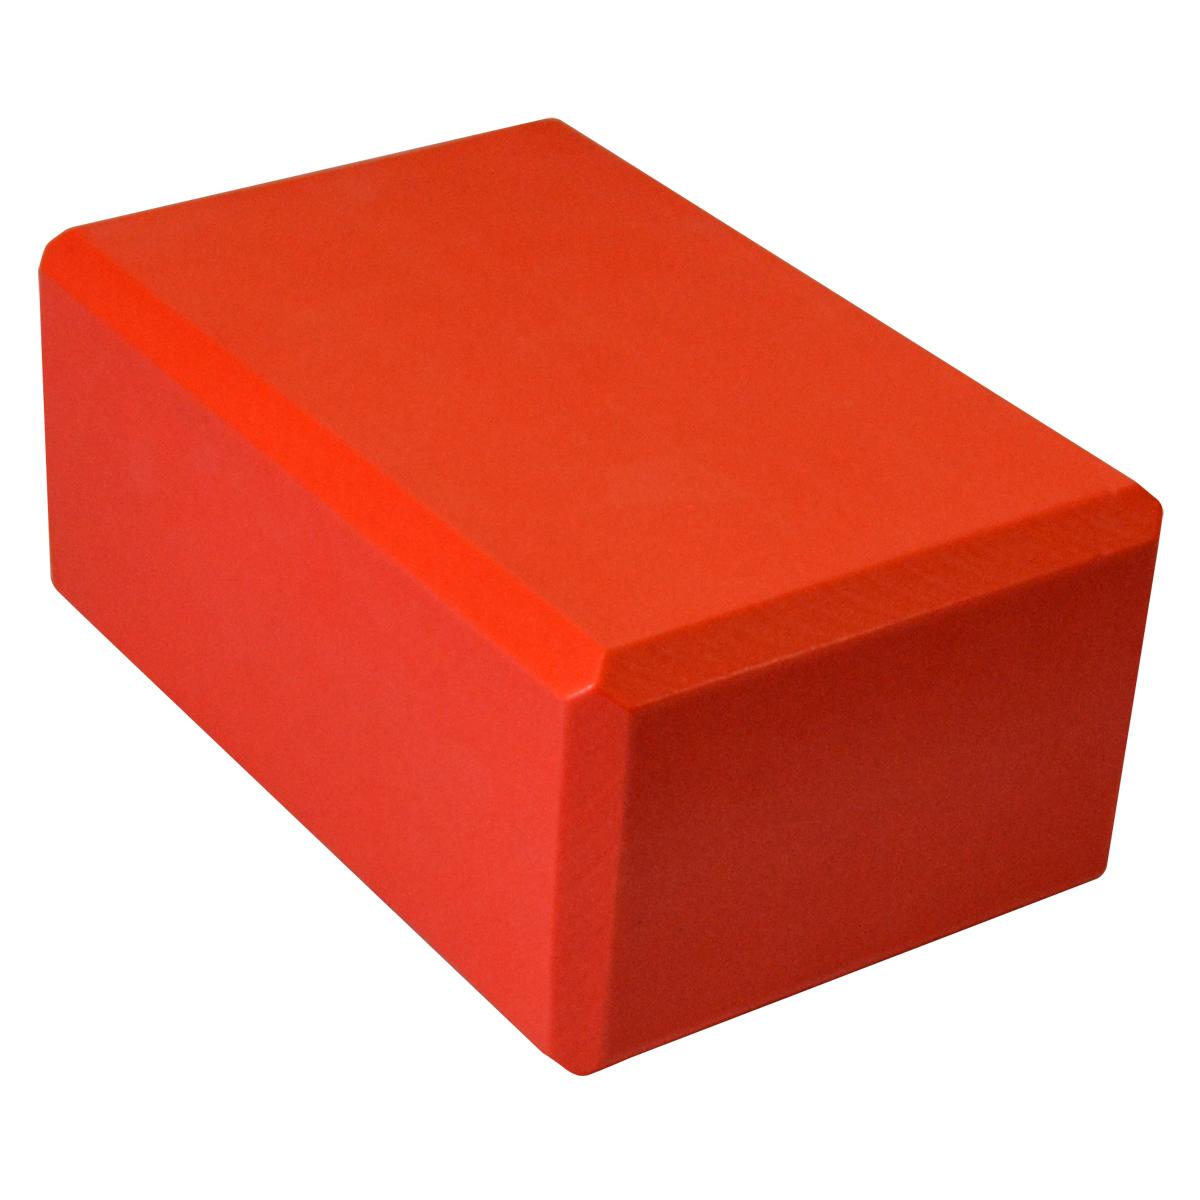 4 Blockz